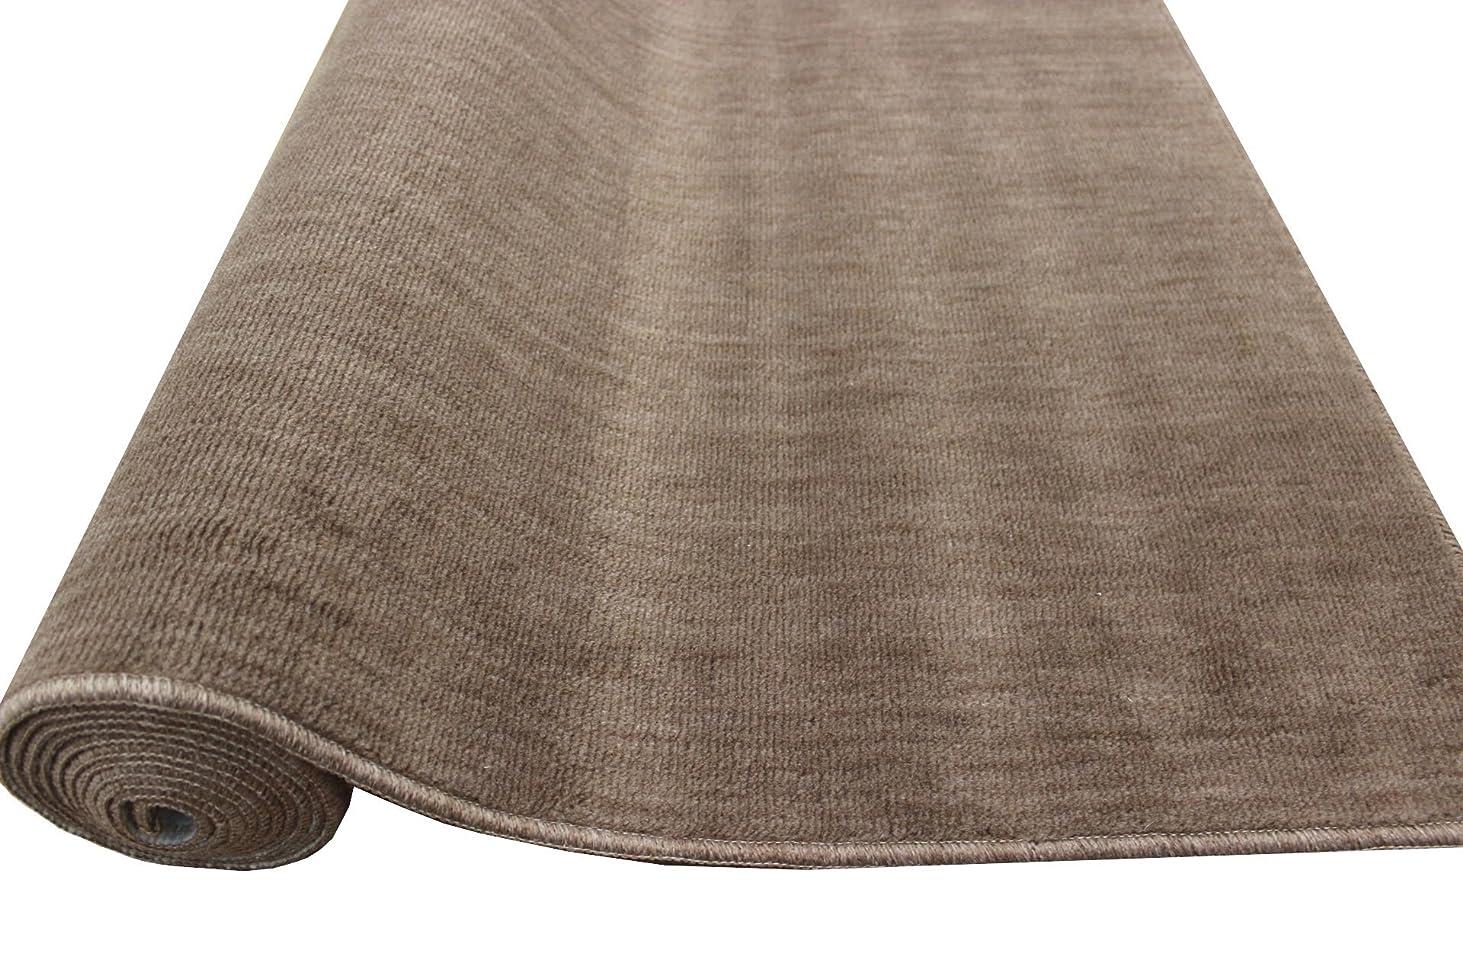 カーペット 6畳 261x352cm 日本製 抗菌 防臭 無地 丸巻きじゅうたん ストーリー ブラウン色